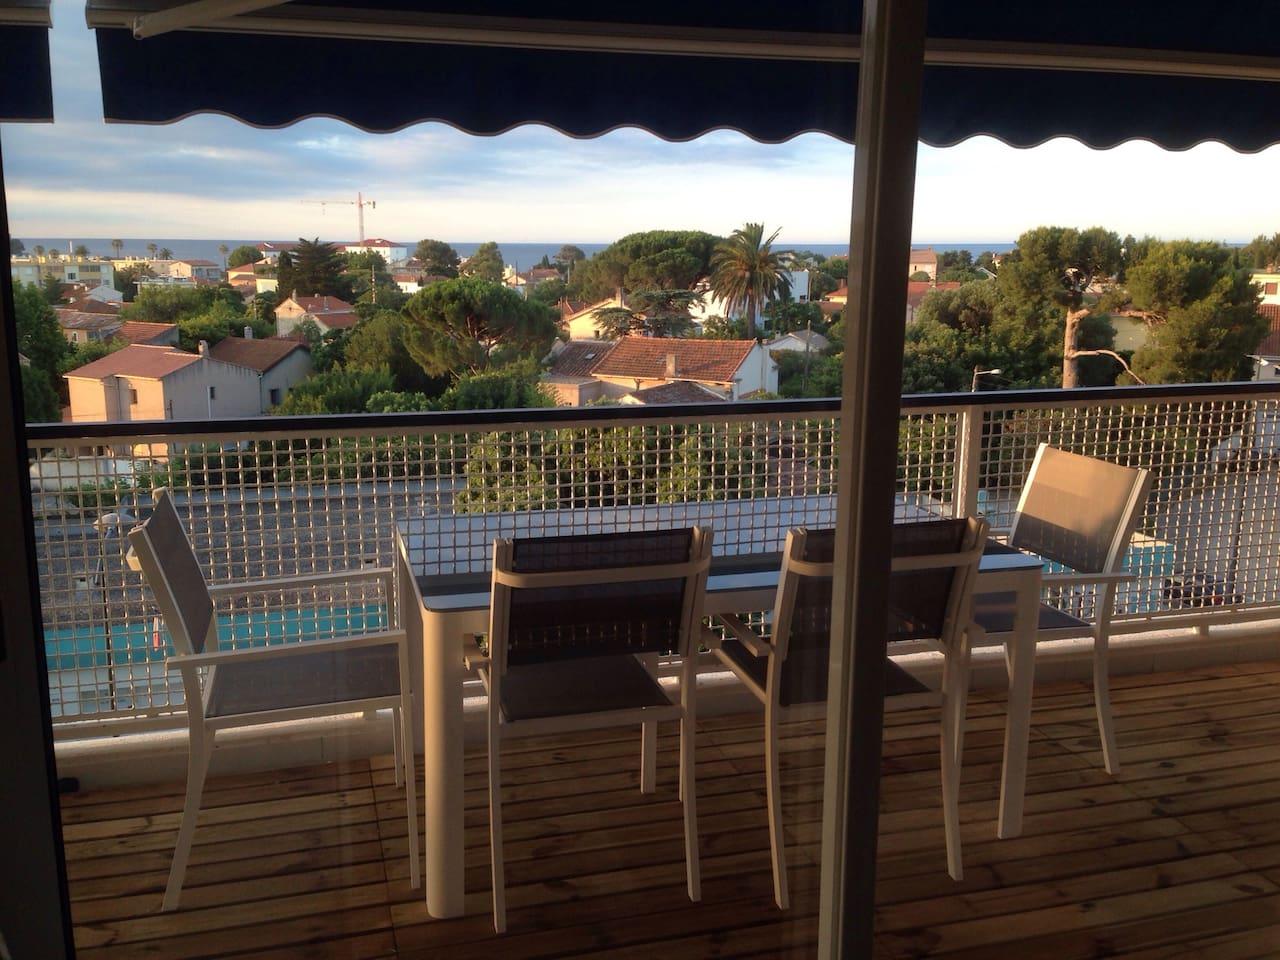 La table sur la terrasse est placée devant la baie vitrée de la cuisine ce qui permet de servir et desservir très rapidement avec une vue imprenable...